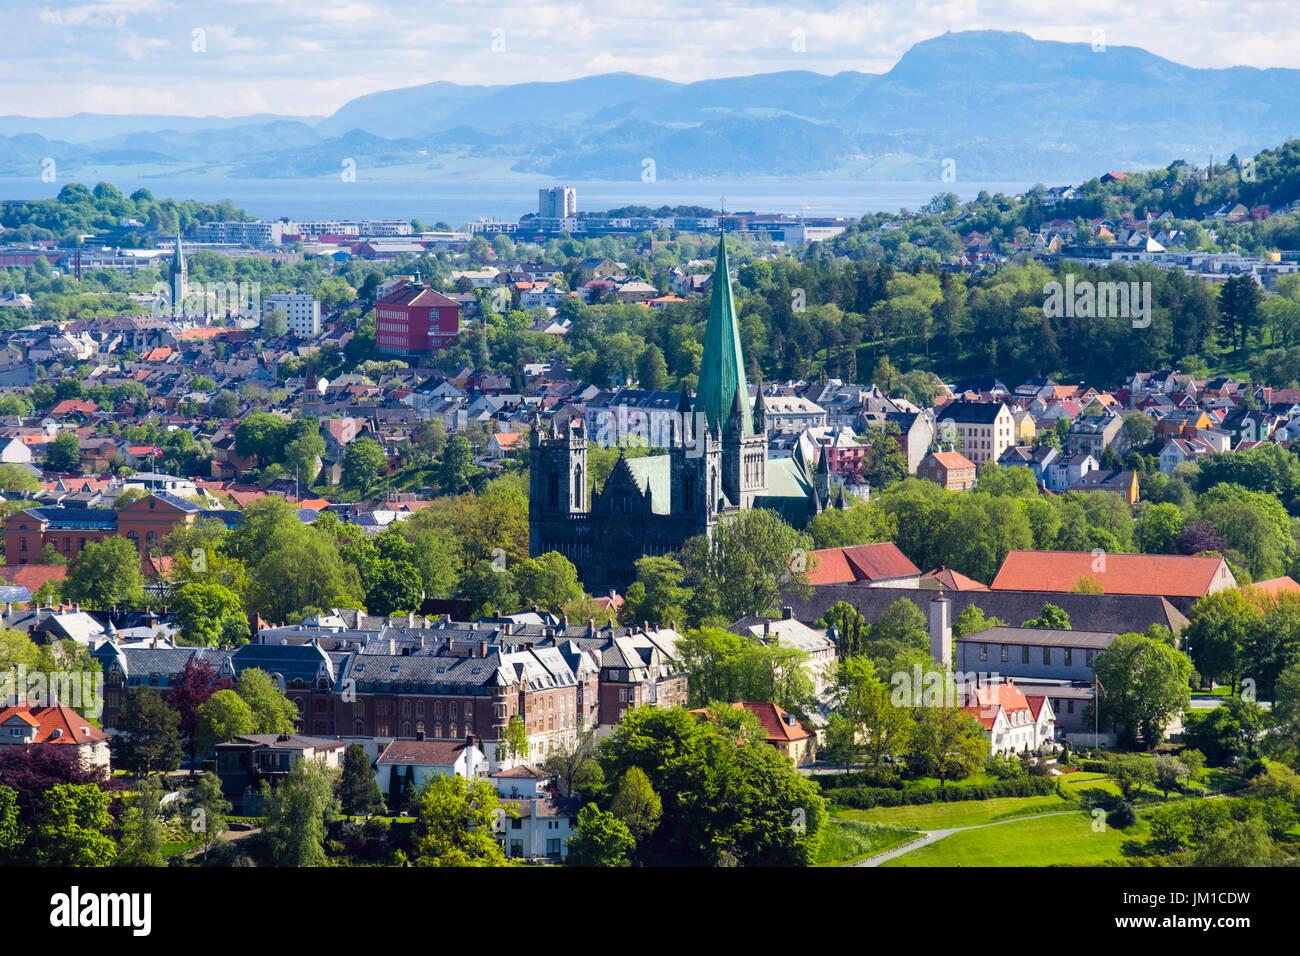 Vistas sobre el casco antiguo, con la catedral de Nídaros en verano. Trondheim, Sør-Trøndelag, Noruega, Escandinavia Imagen De Stock